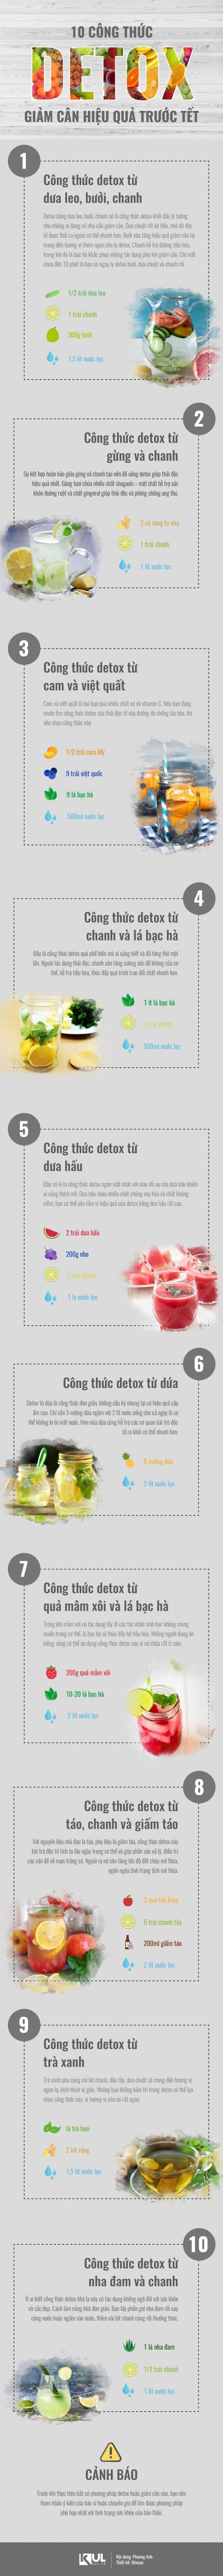 10 công thức detox hiệu quả nhanh cho da đẹp dáng xinh đón Tết